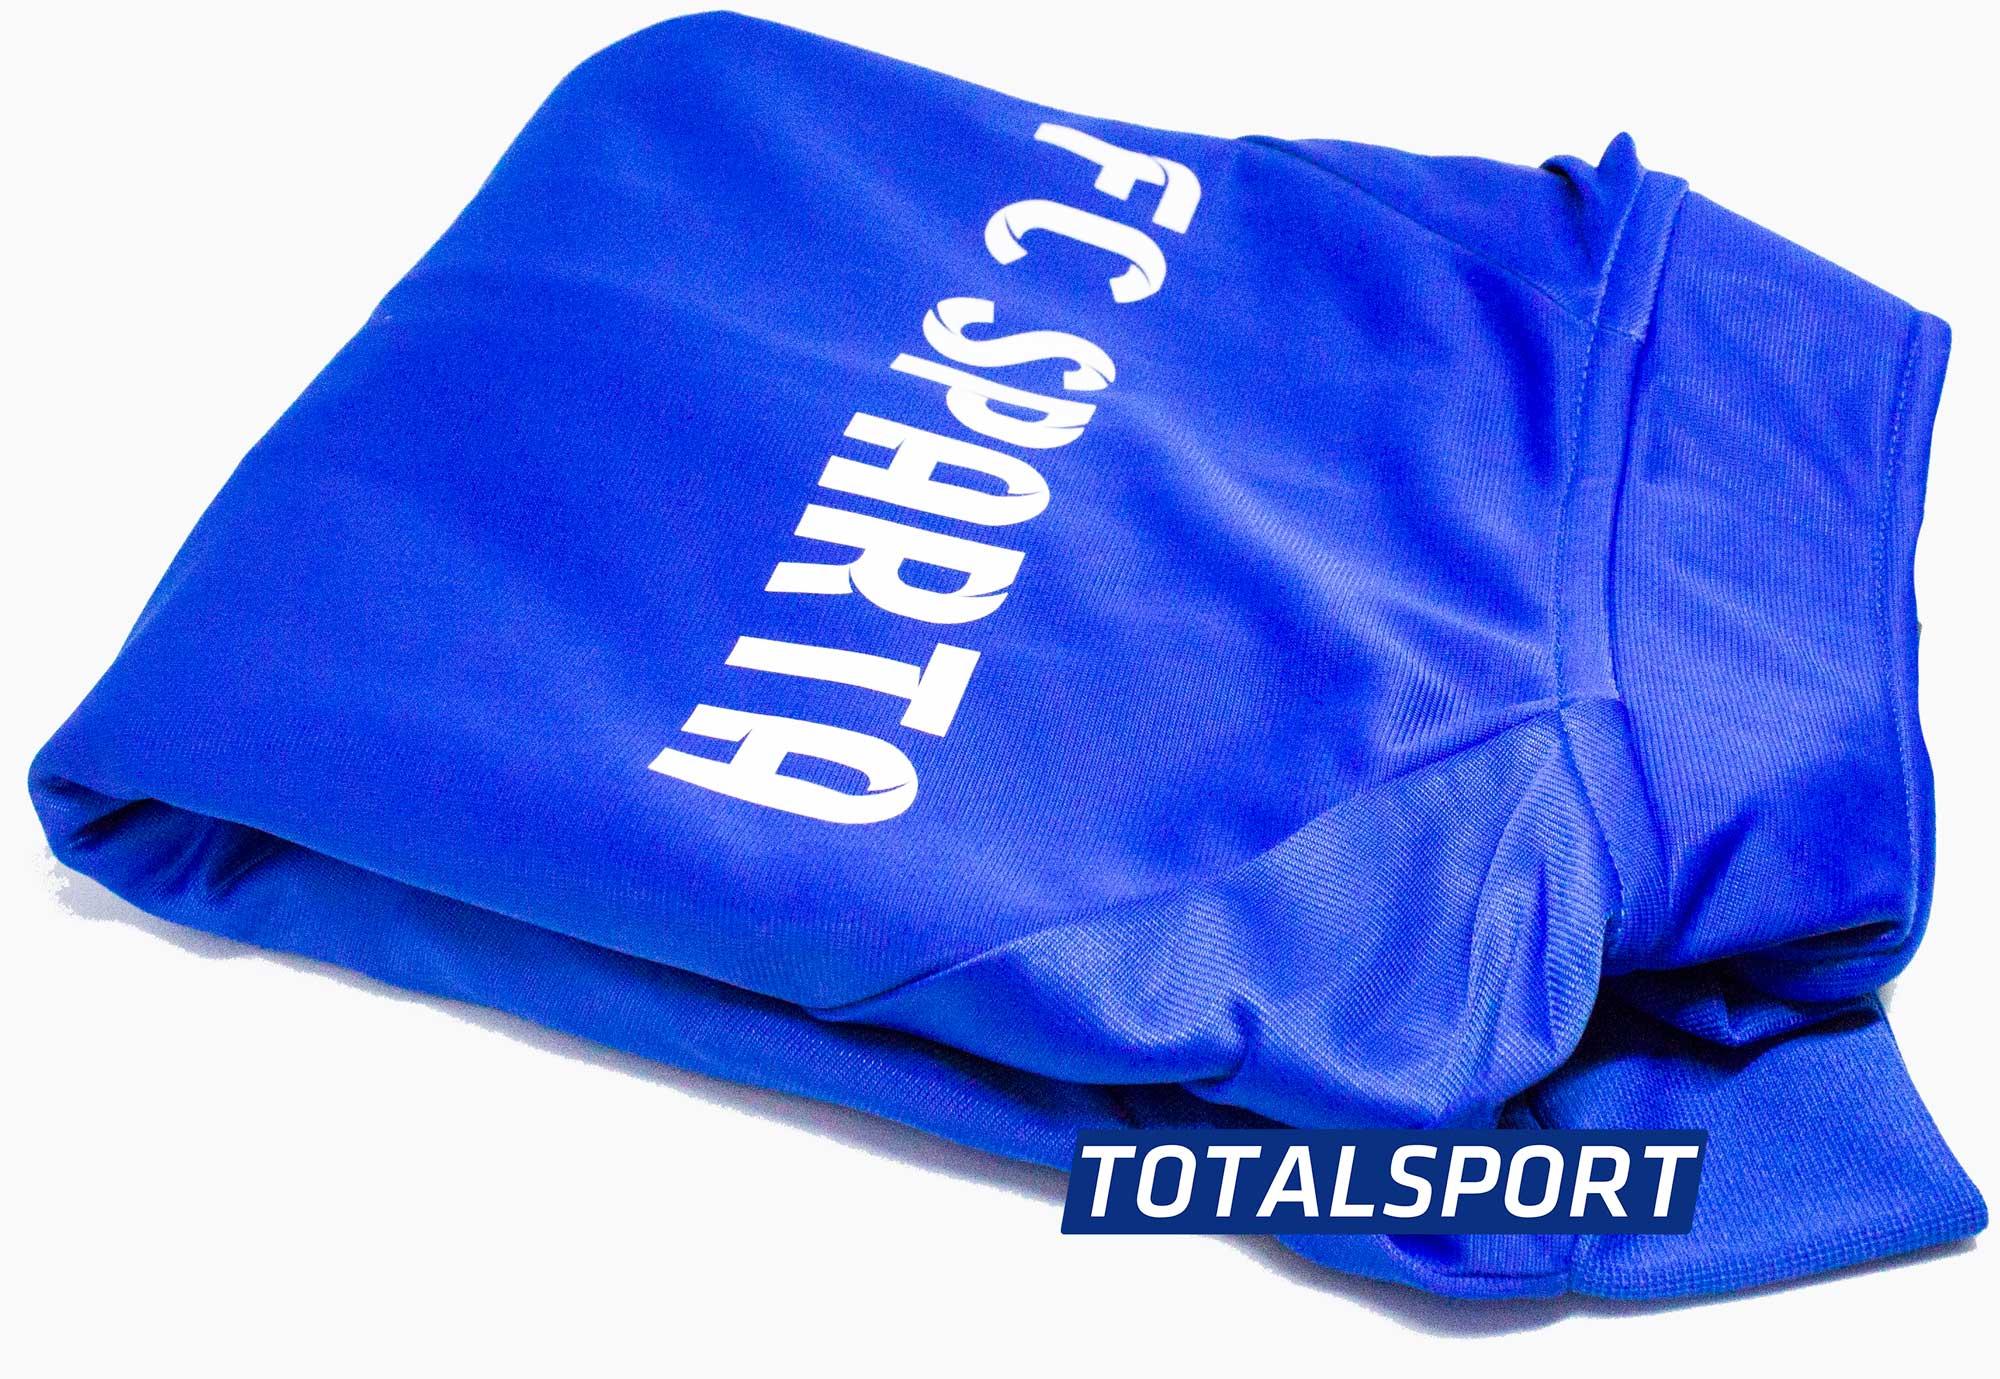 брендирование спортивной одежде спортивных костюмах